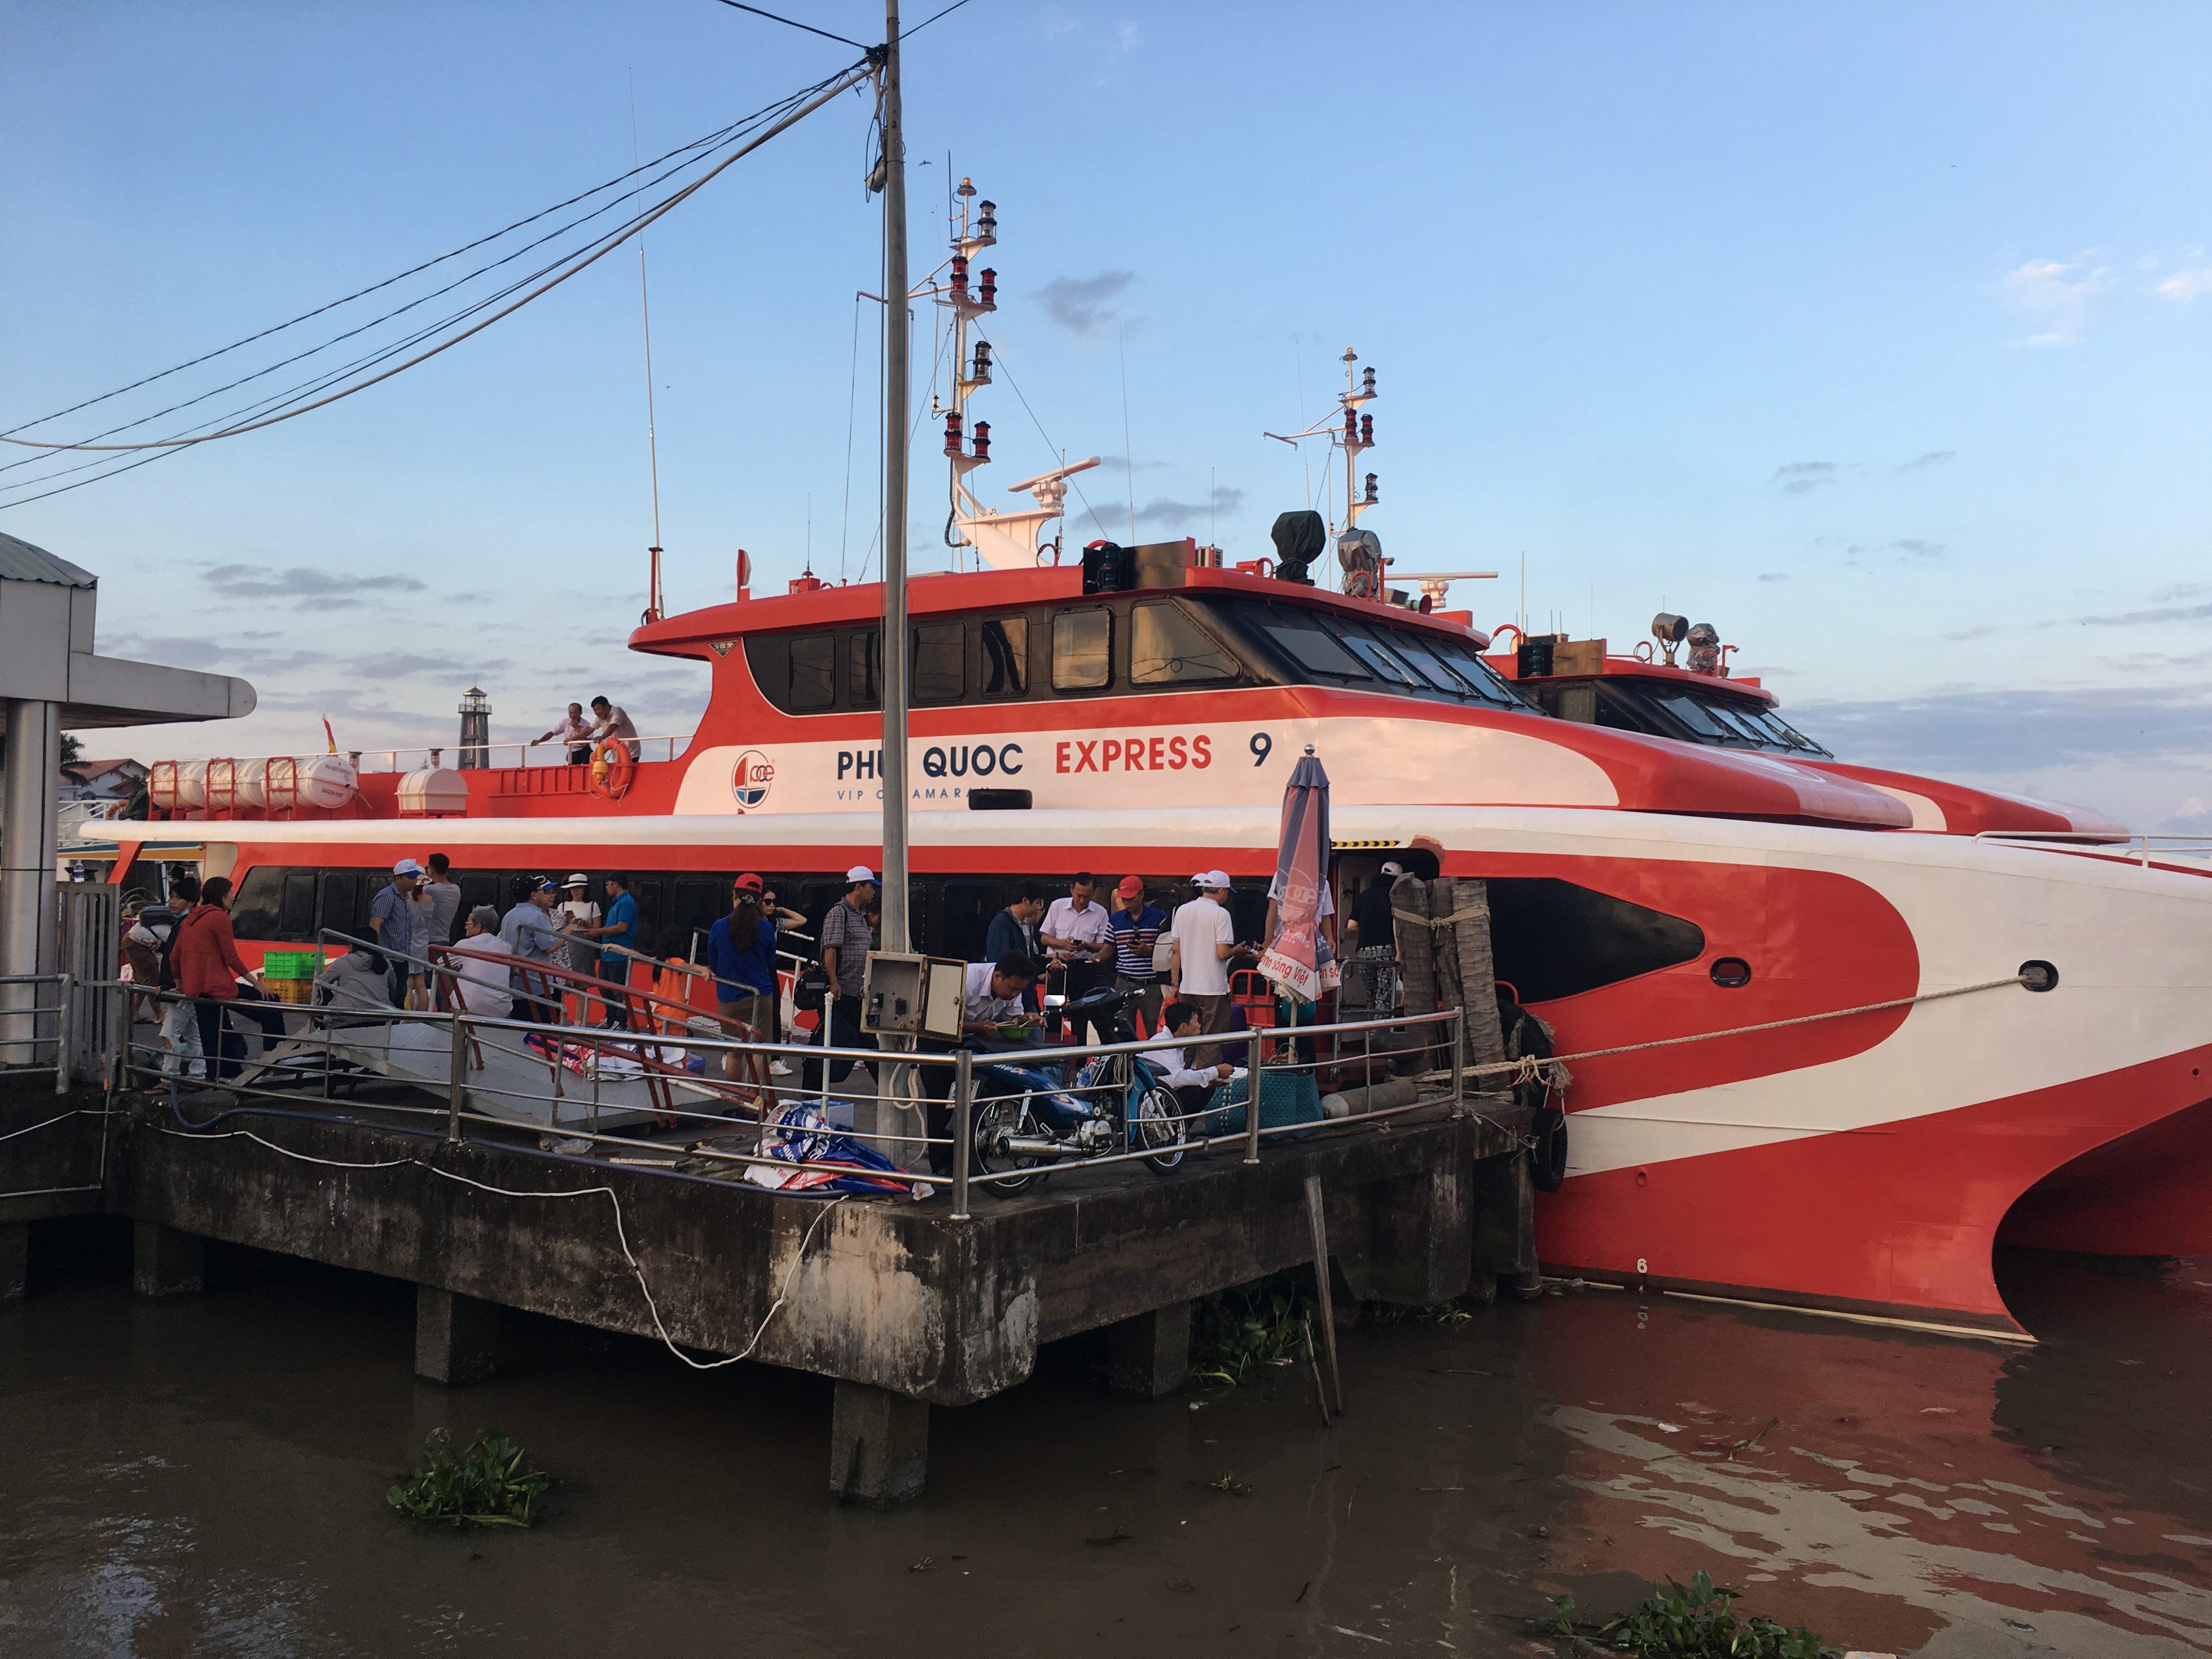 Chiếc tàu màu đỏ nổi bật chở chúng tôi tới Nam Du